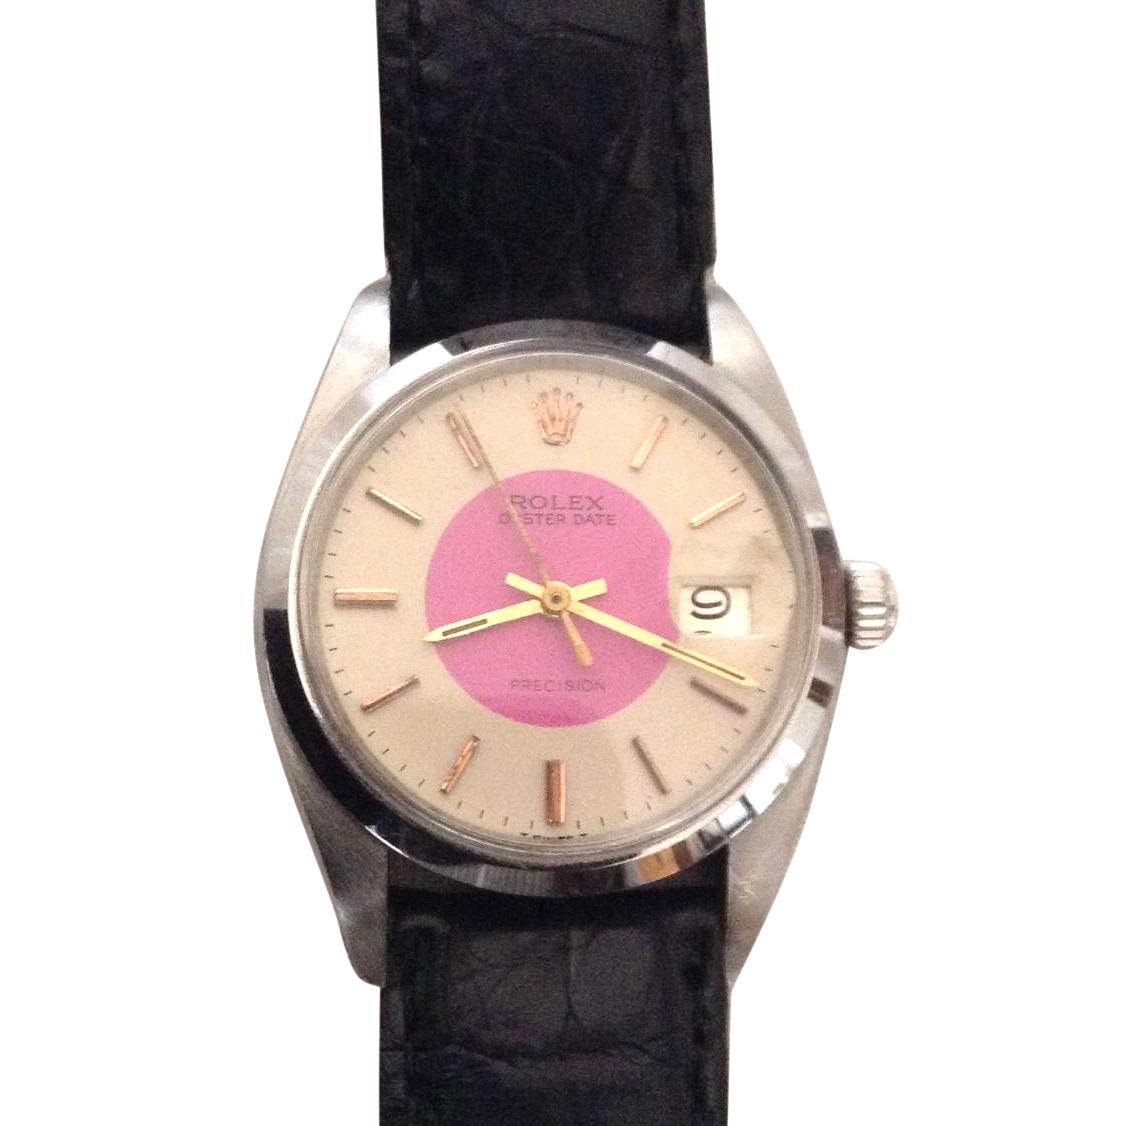 Vintage Rolex Oyster Date watch